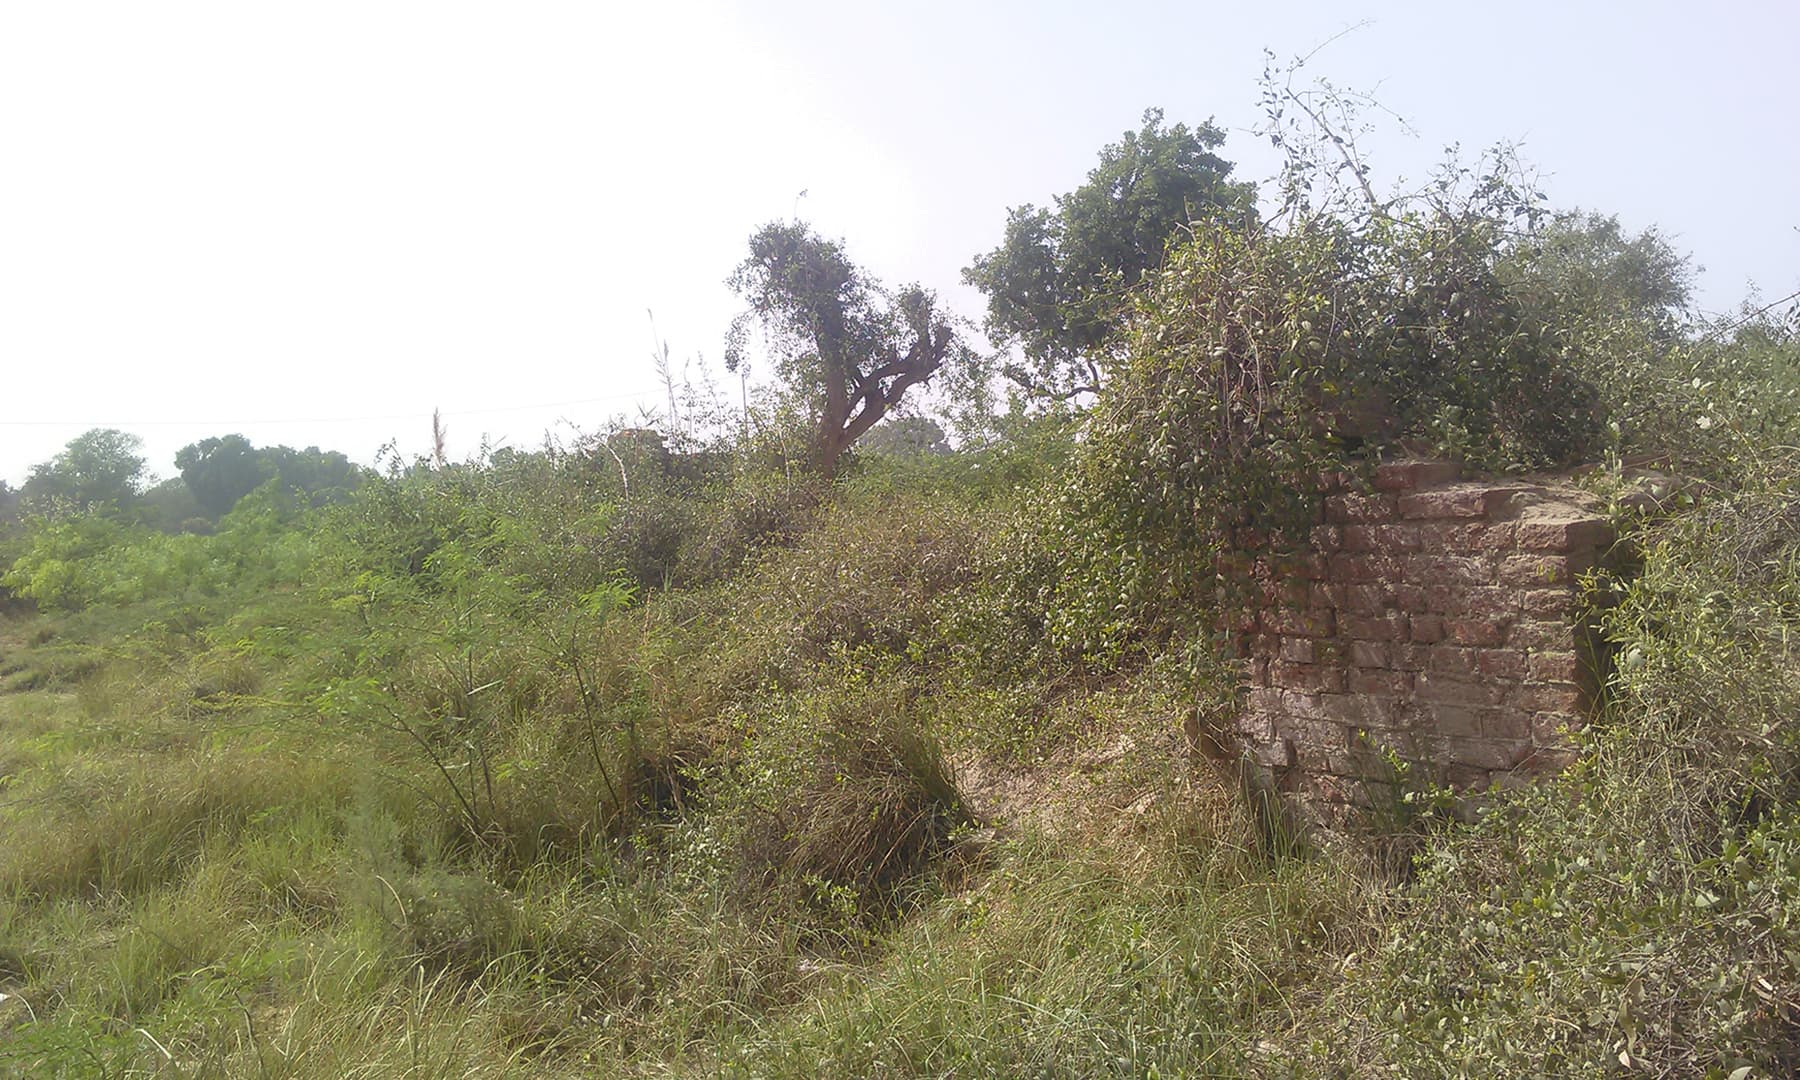 ہوسڑی میں واقع بنگلے کے آثار—ابوبکر شیخ